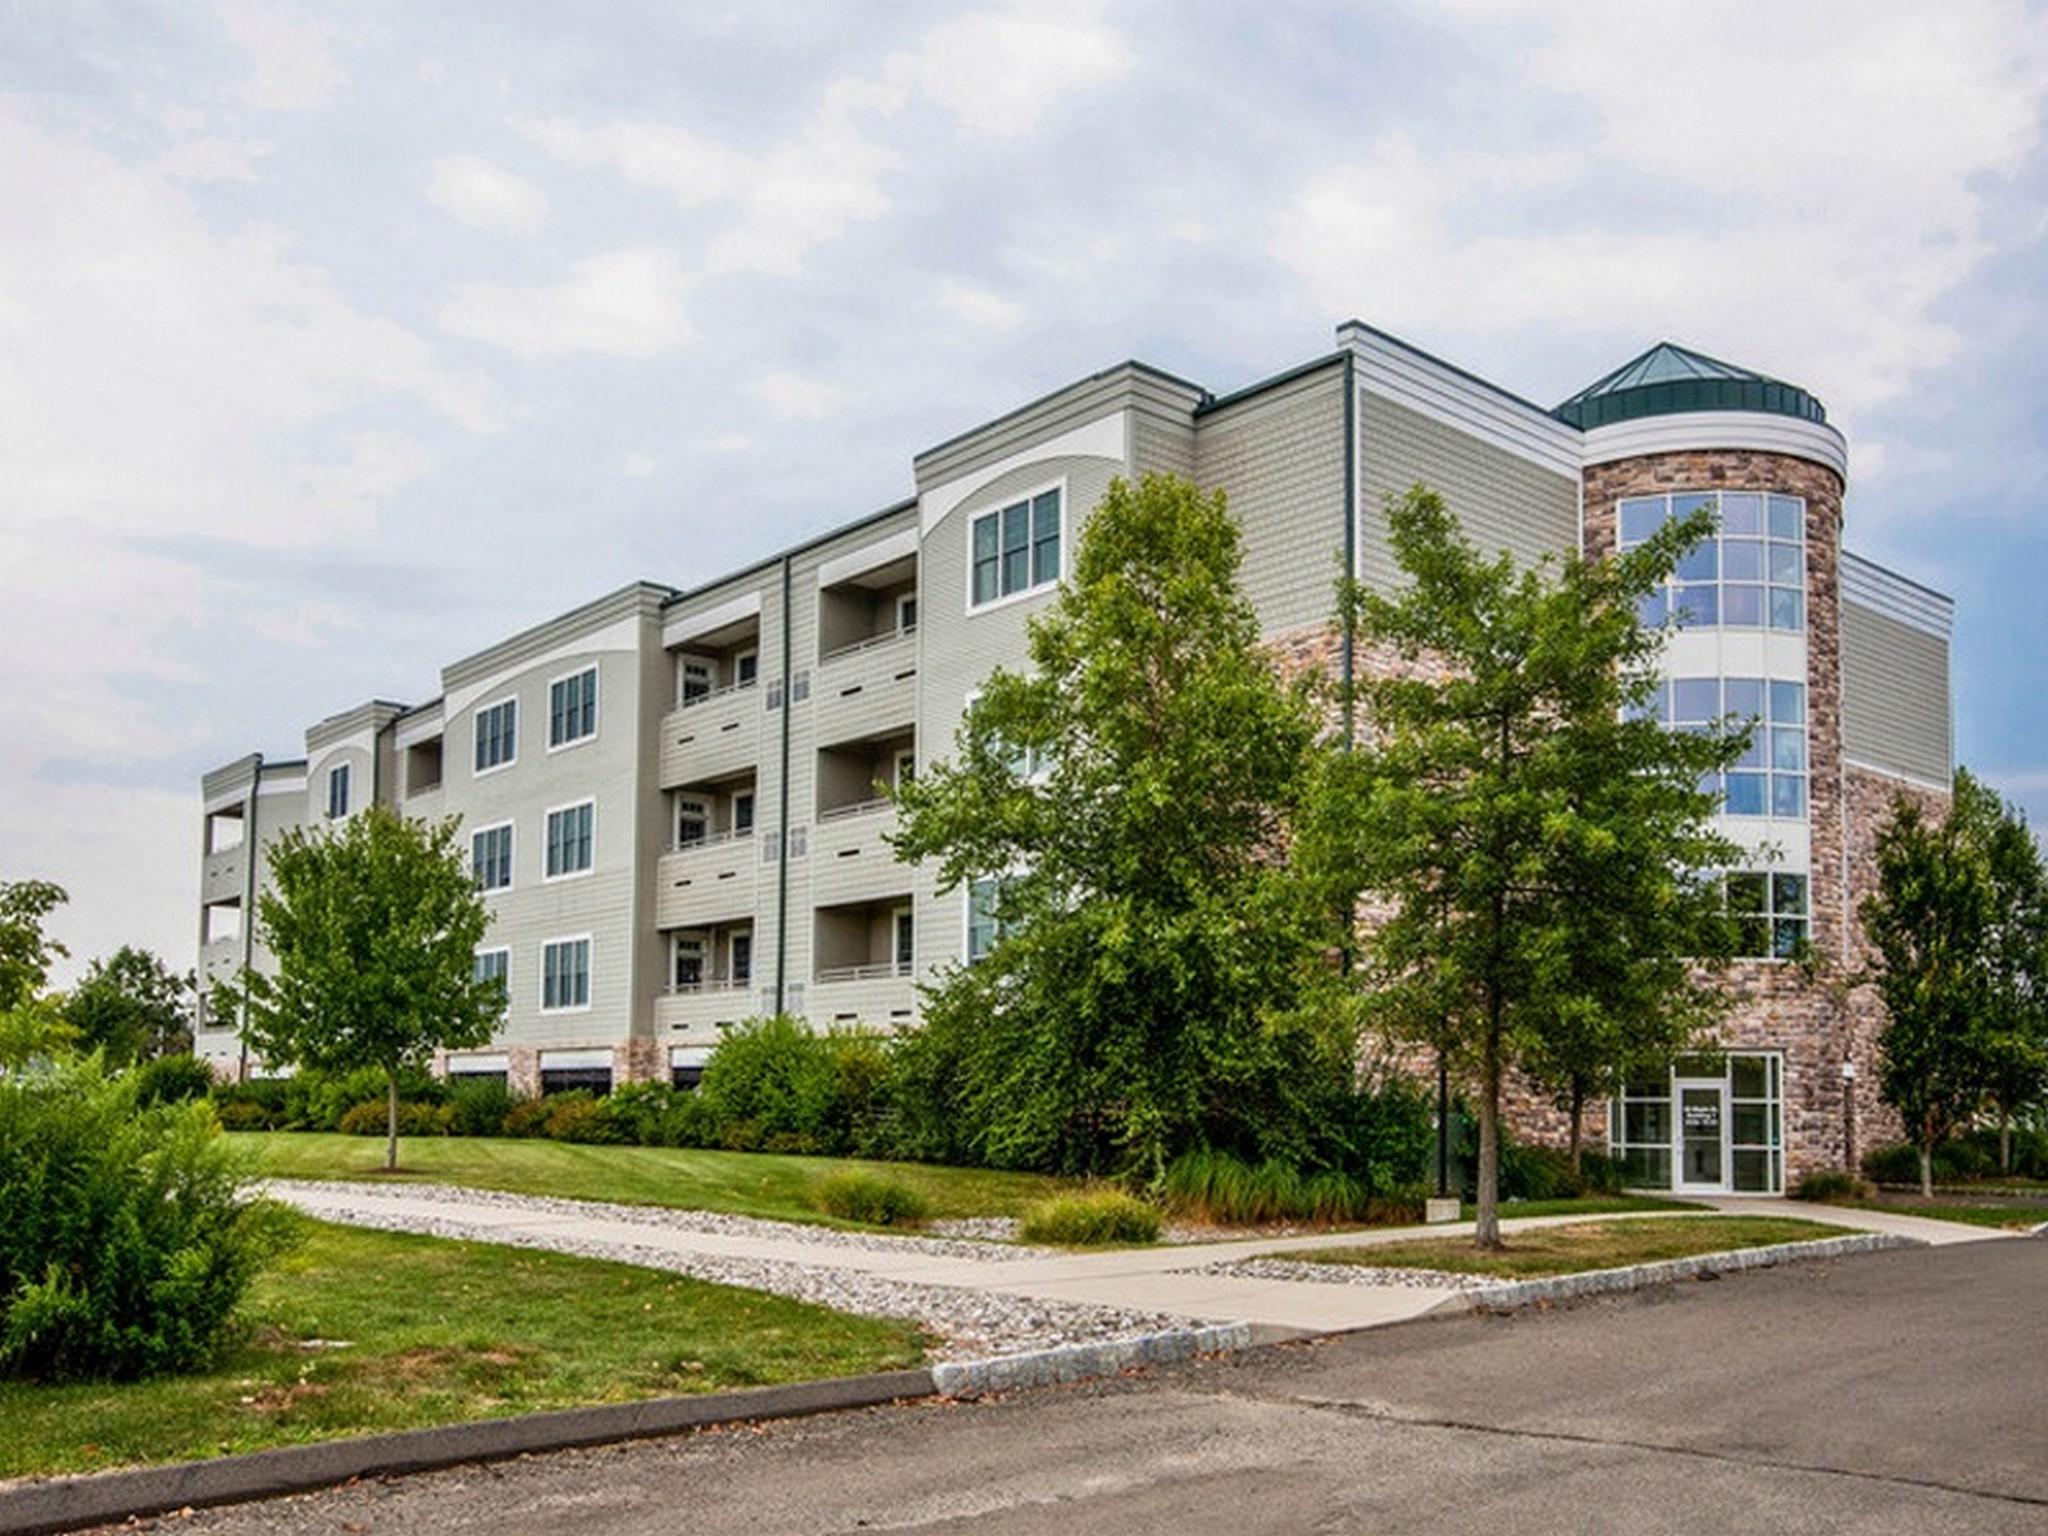 共管式独立产权公寓 为 销售 在 60 Maple St 60 Maple St 43 布兰福德, 康涅狄格州, 06405 美国